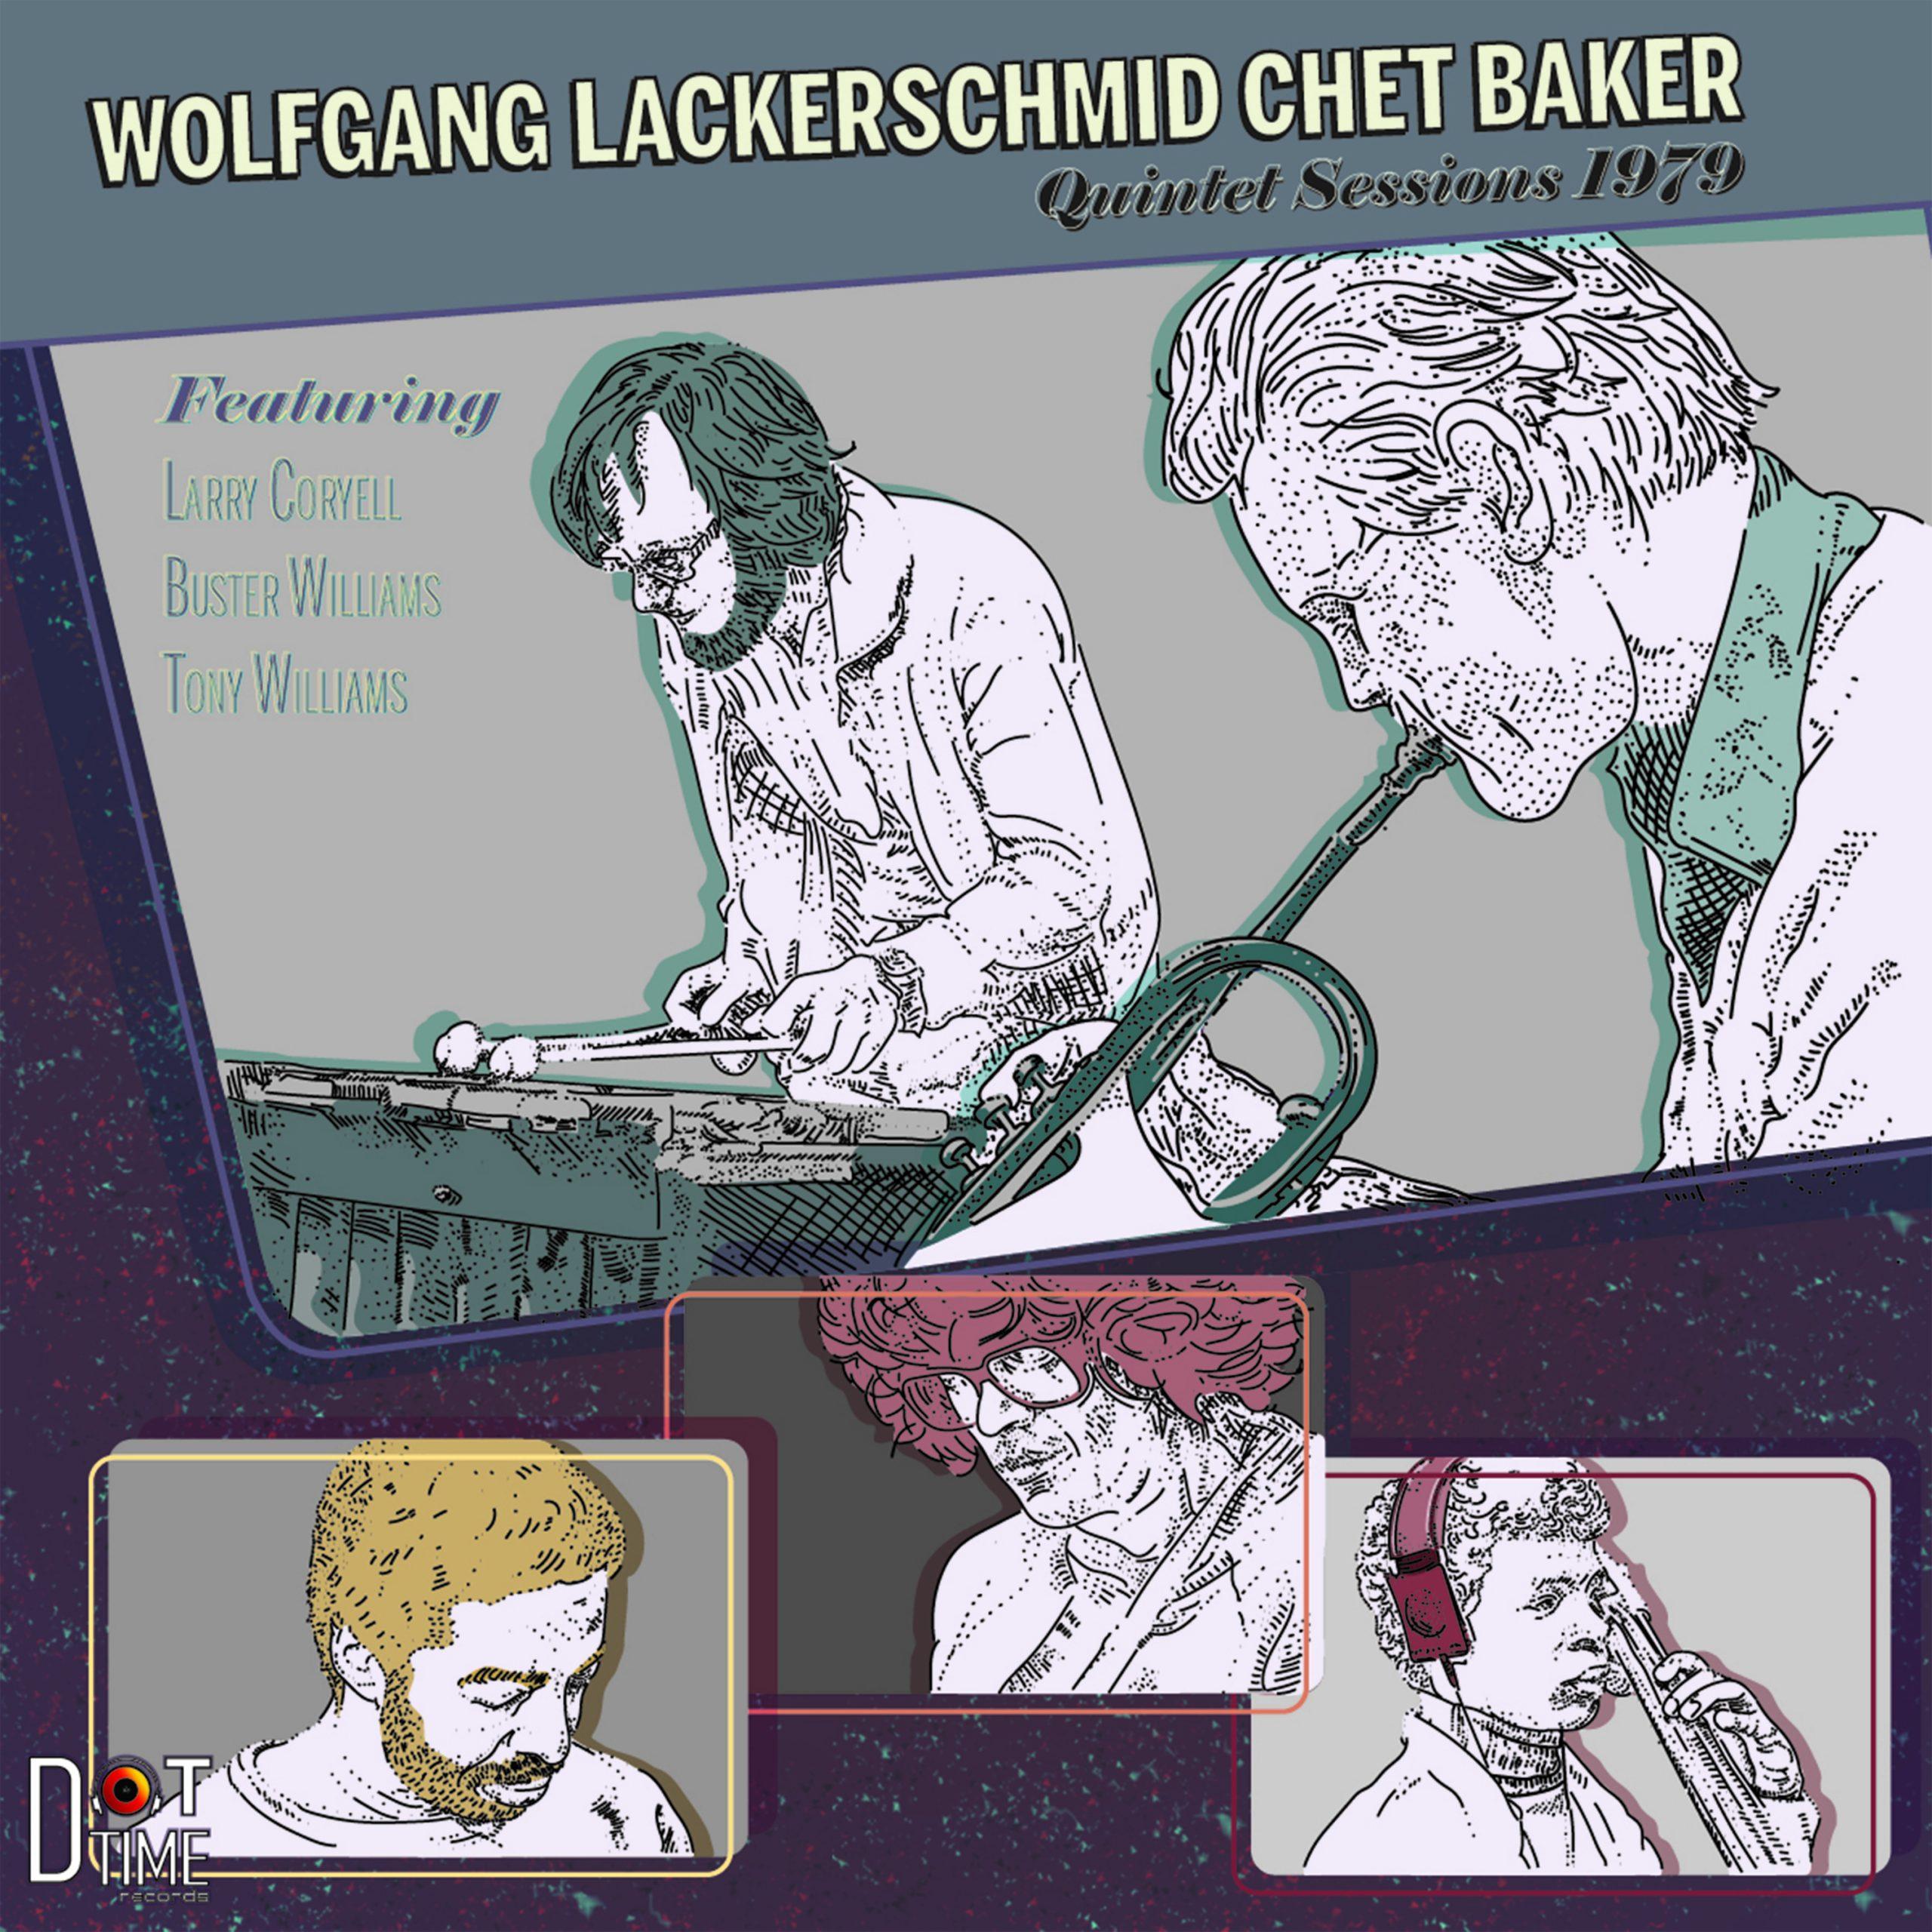 VINYL WATCH: Chet Baker and Wolfgang Lackerschmid, Lackerschmid/Baker: Quintet Sessions 1979 (Dot Time) –  JAZZIZ